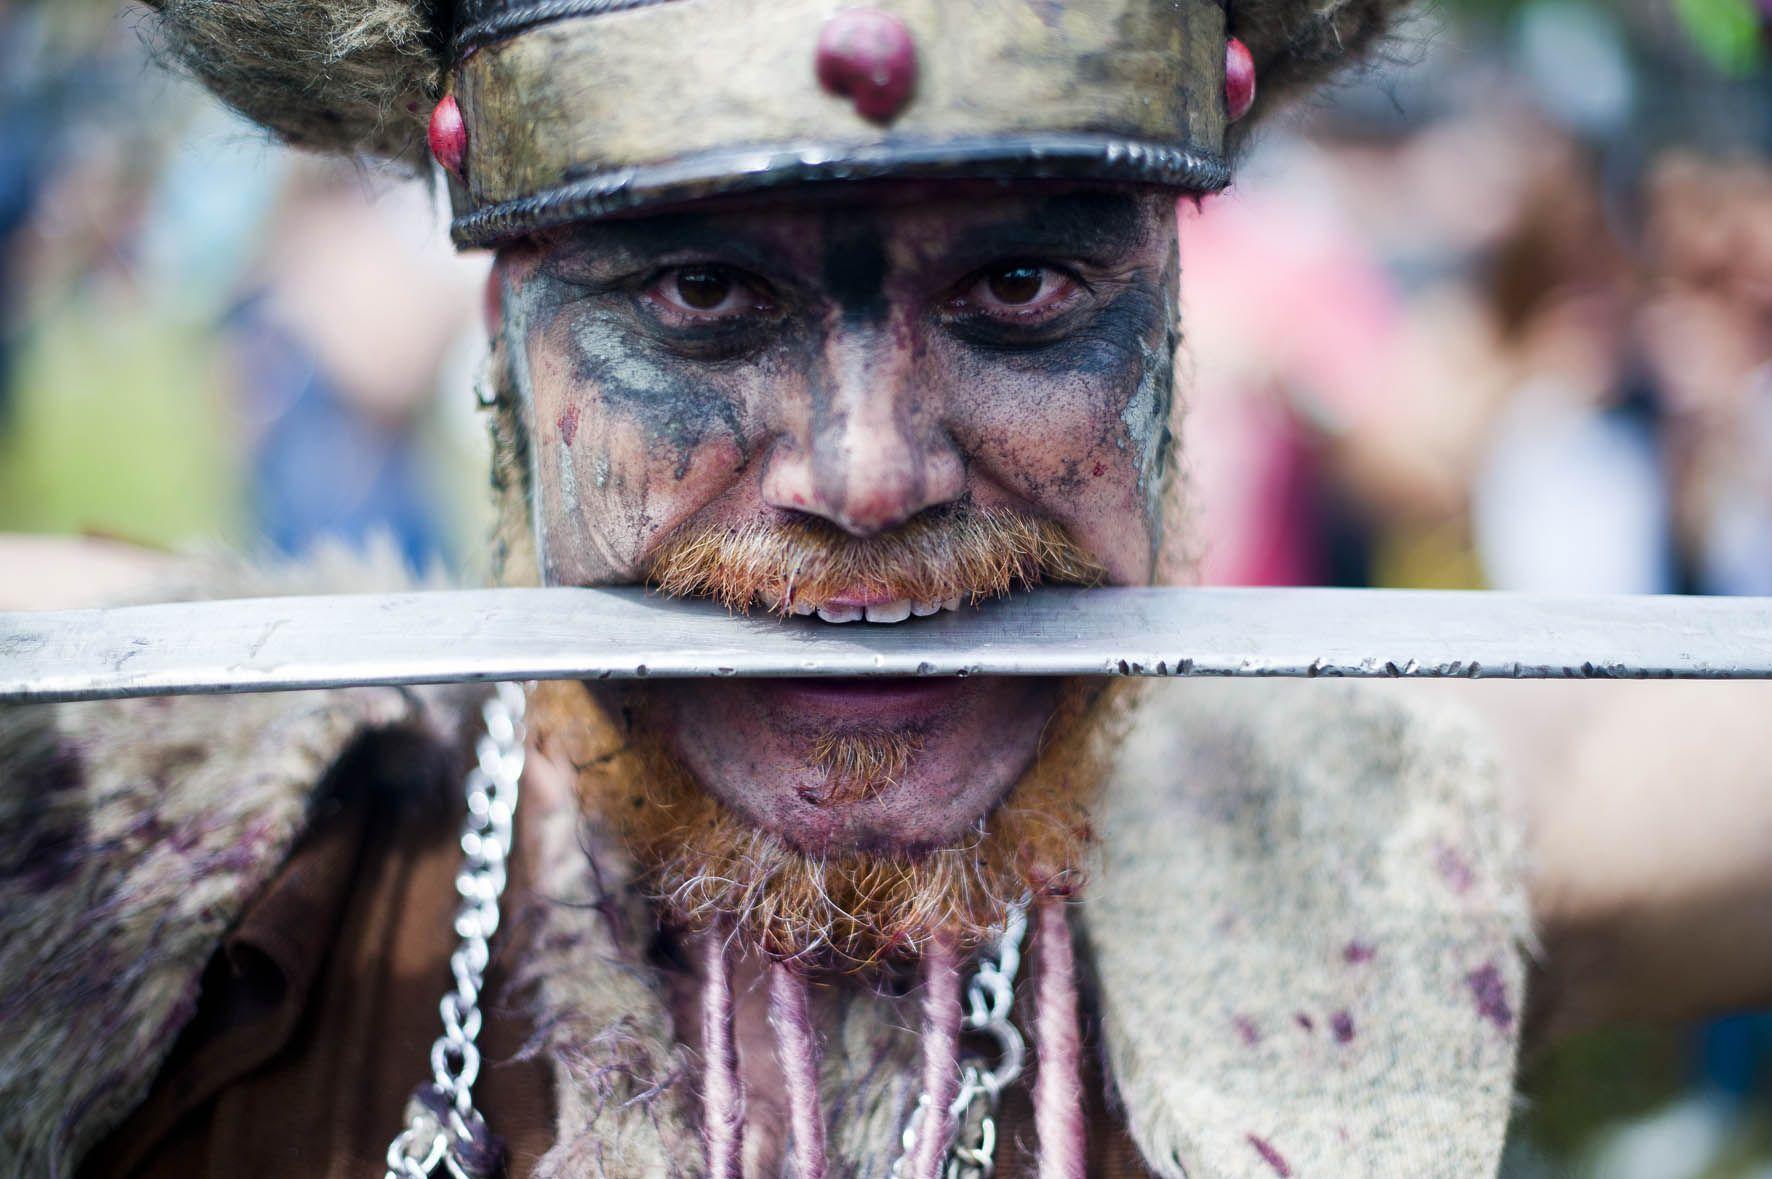 Vikingos España: desembarco vikingo de Catoira, Pontevedra